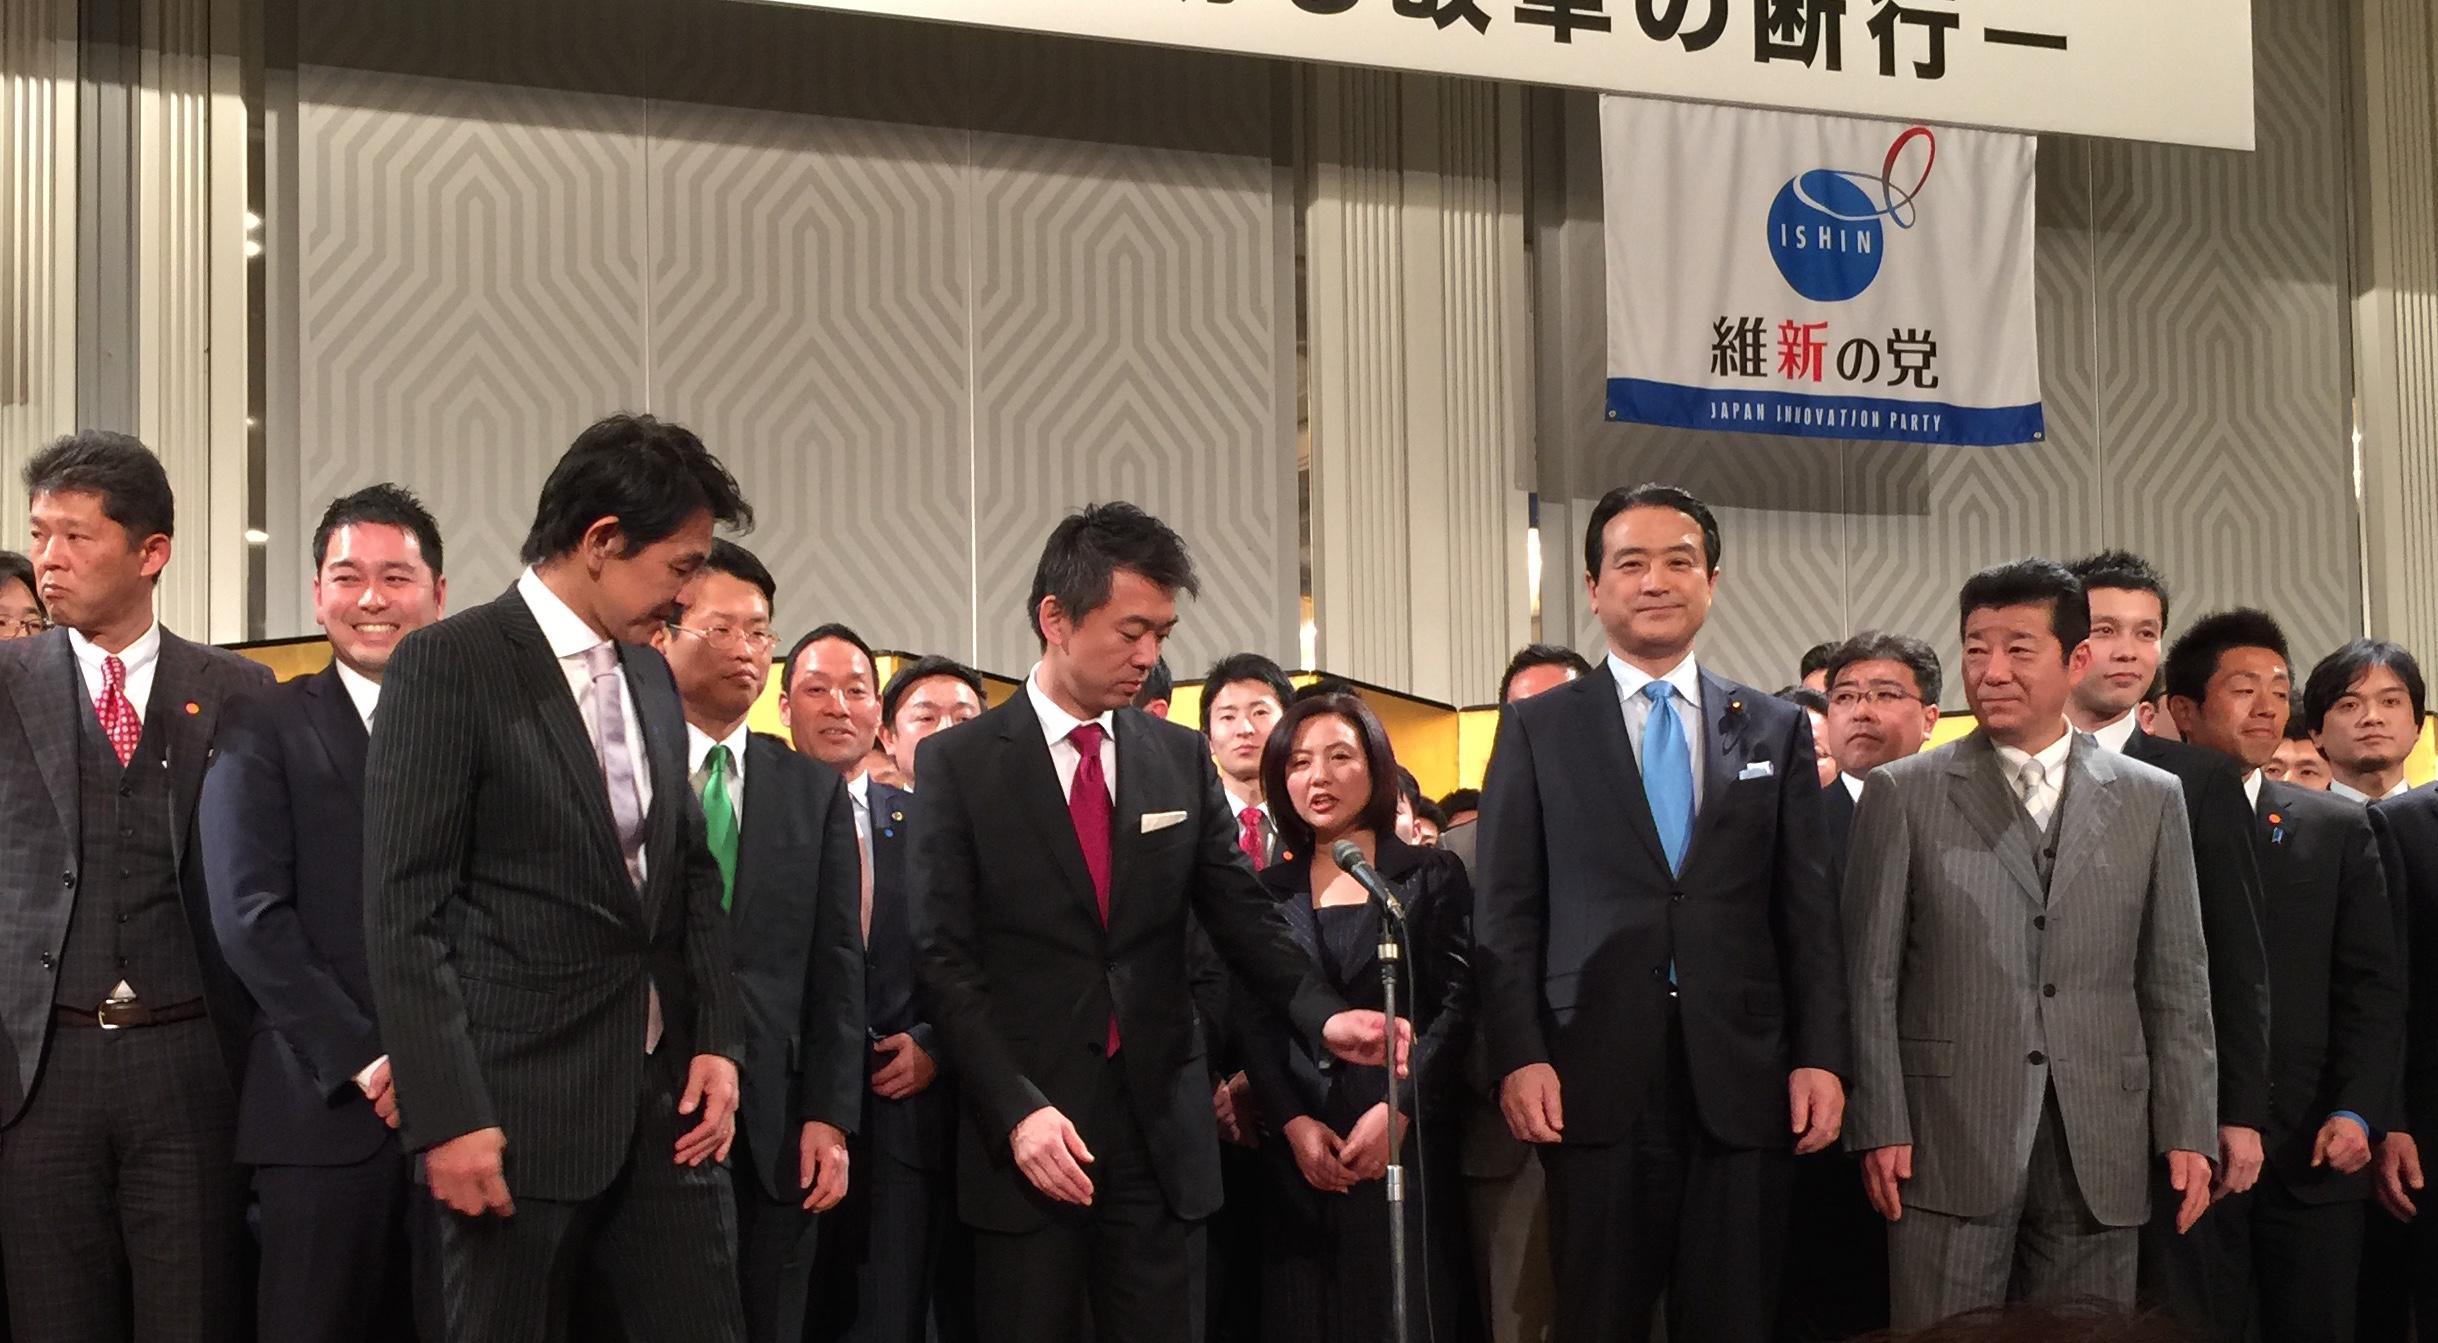 静岡8区支部長に再任されました